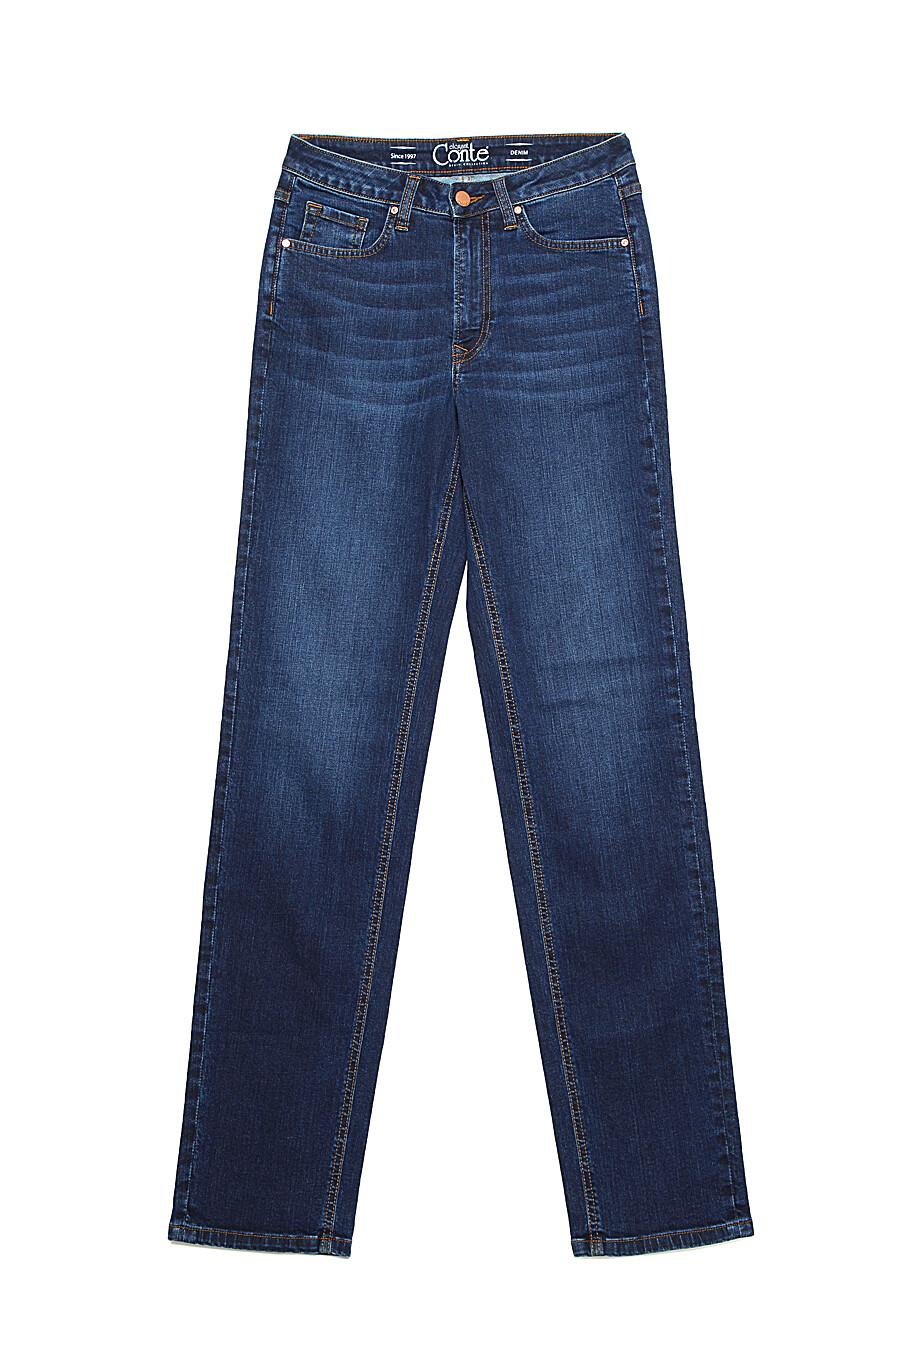 Джинсы для женщин CONTE ELEGANT 148319 купить оптом от производителя. Совместная покупка женской одежды в OptMoyo